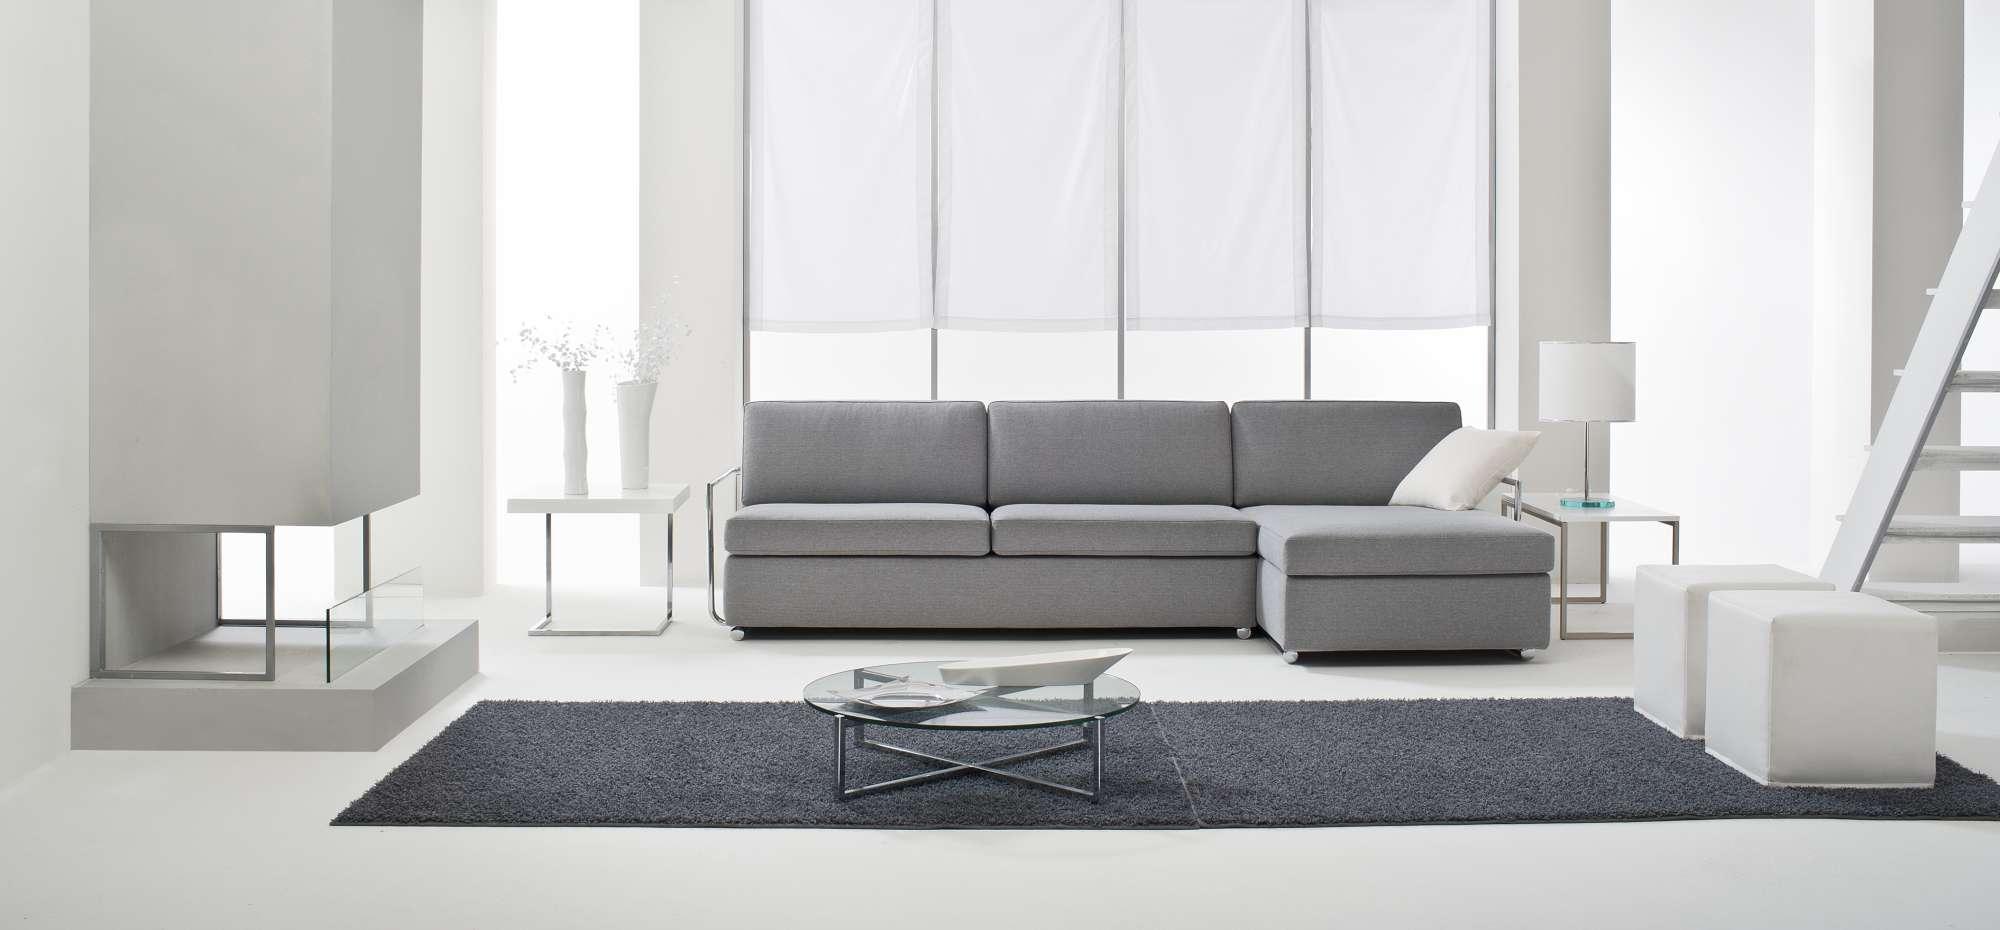 Ikea divani senza braccioli divano con schienale movibile - Copridivano senza braccioli ...